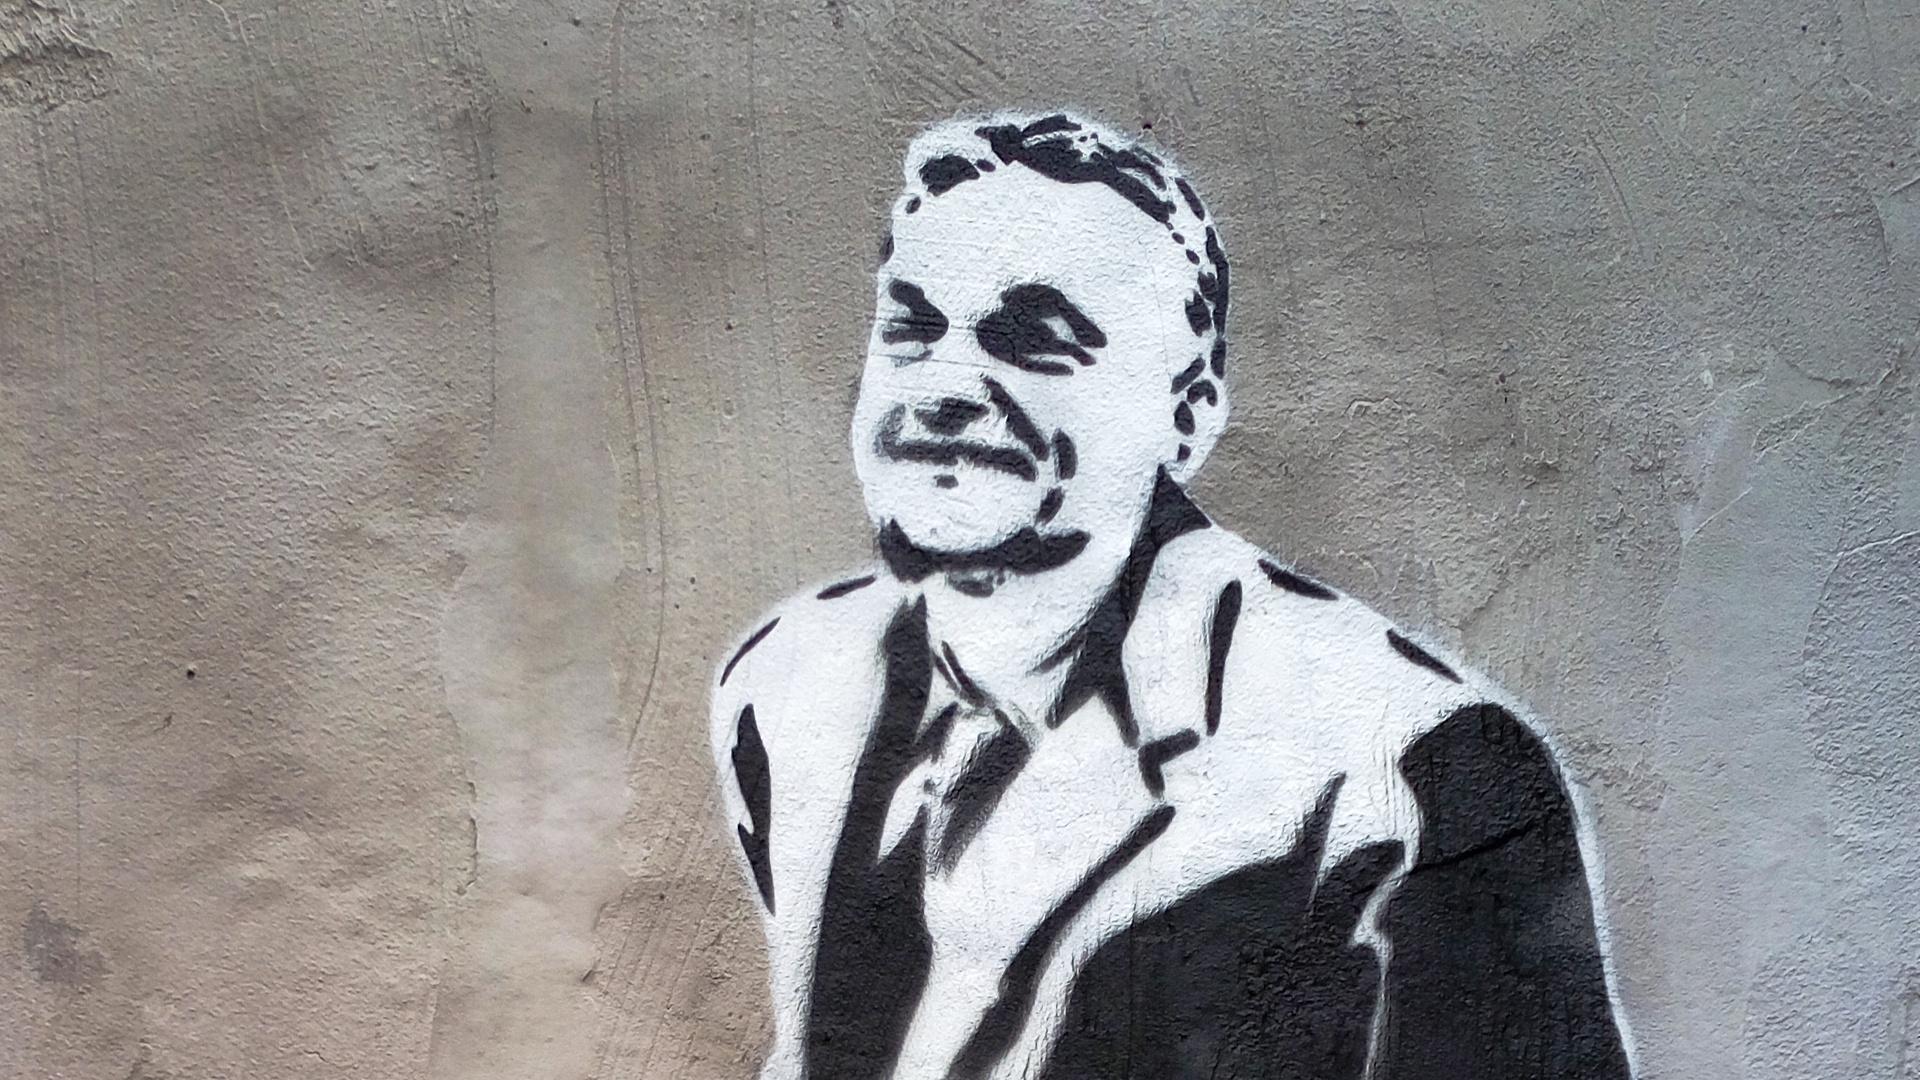 Úgy tűnik, Banksy megfestette Orbánt